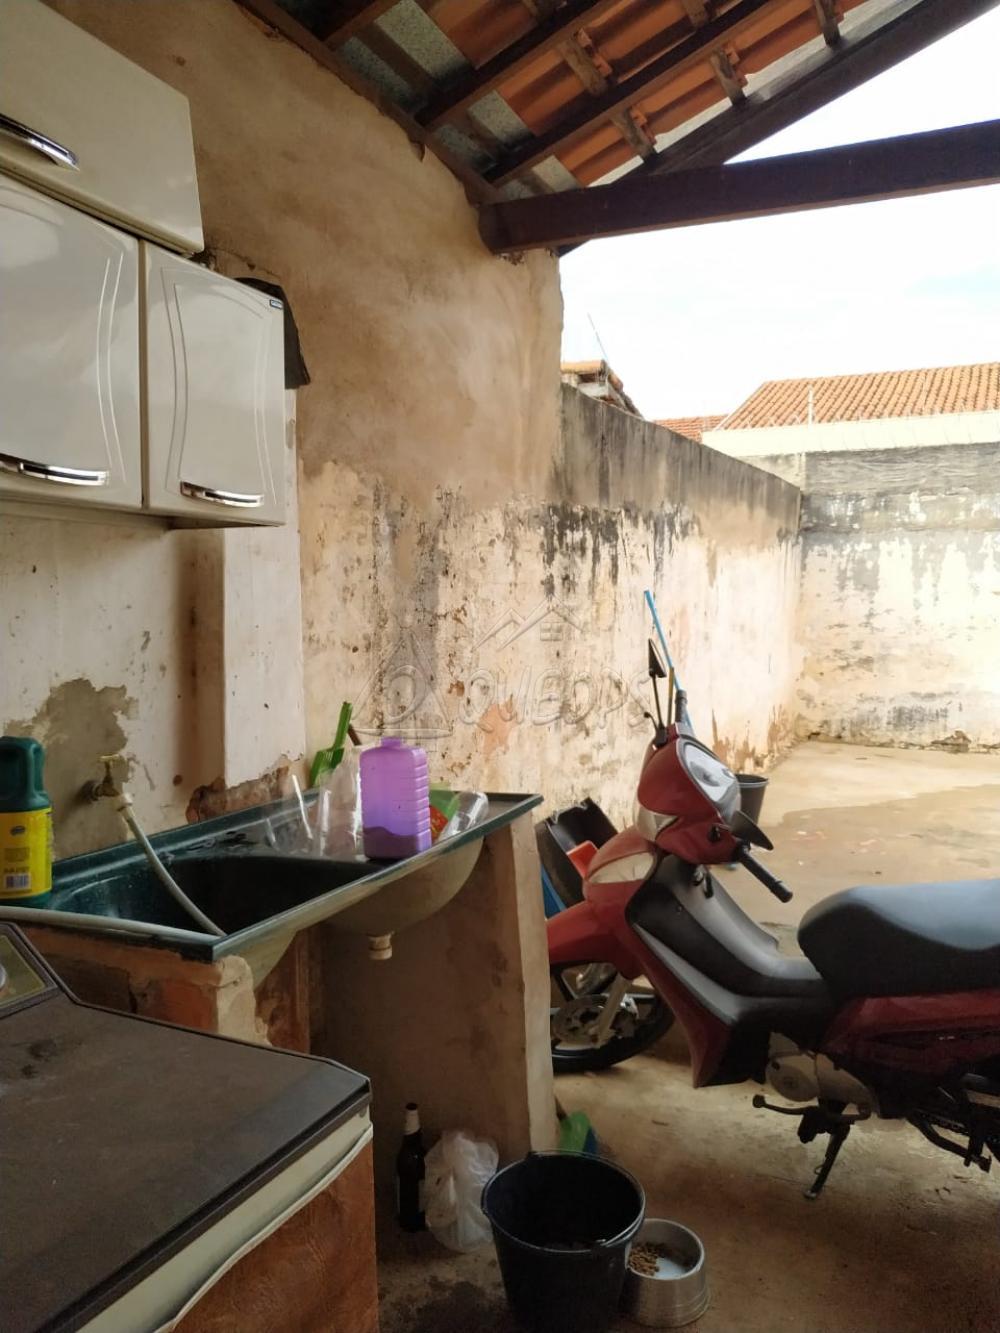 Comprar Casa / Padrão em Barretos apenas R$ 180.000,00 - Foto 18